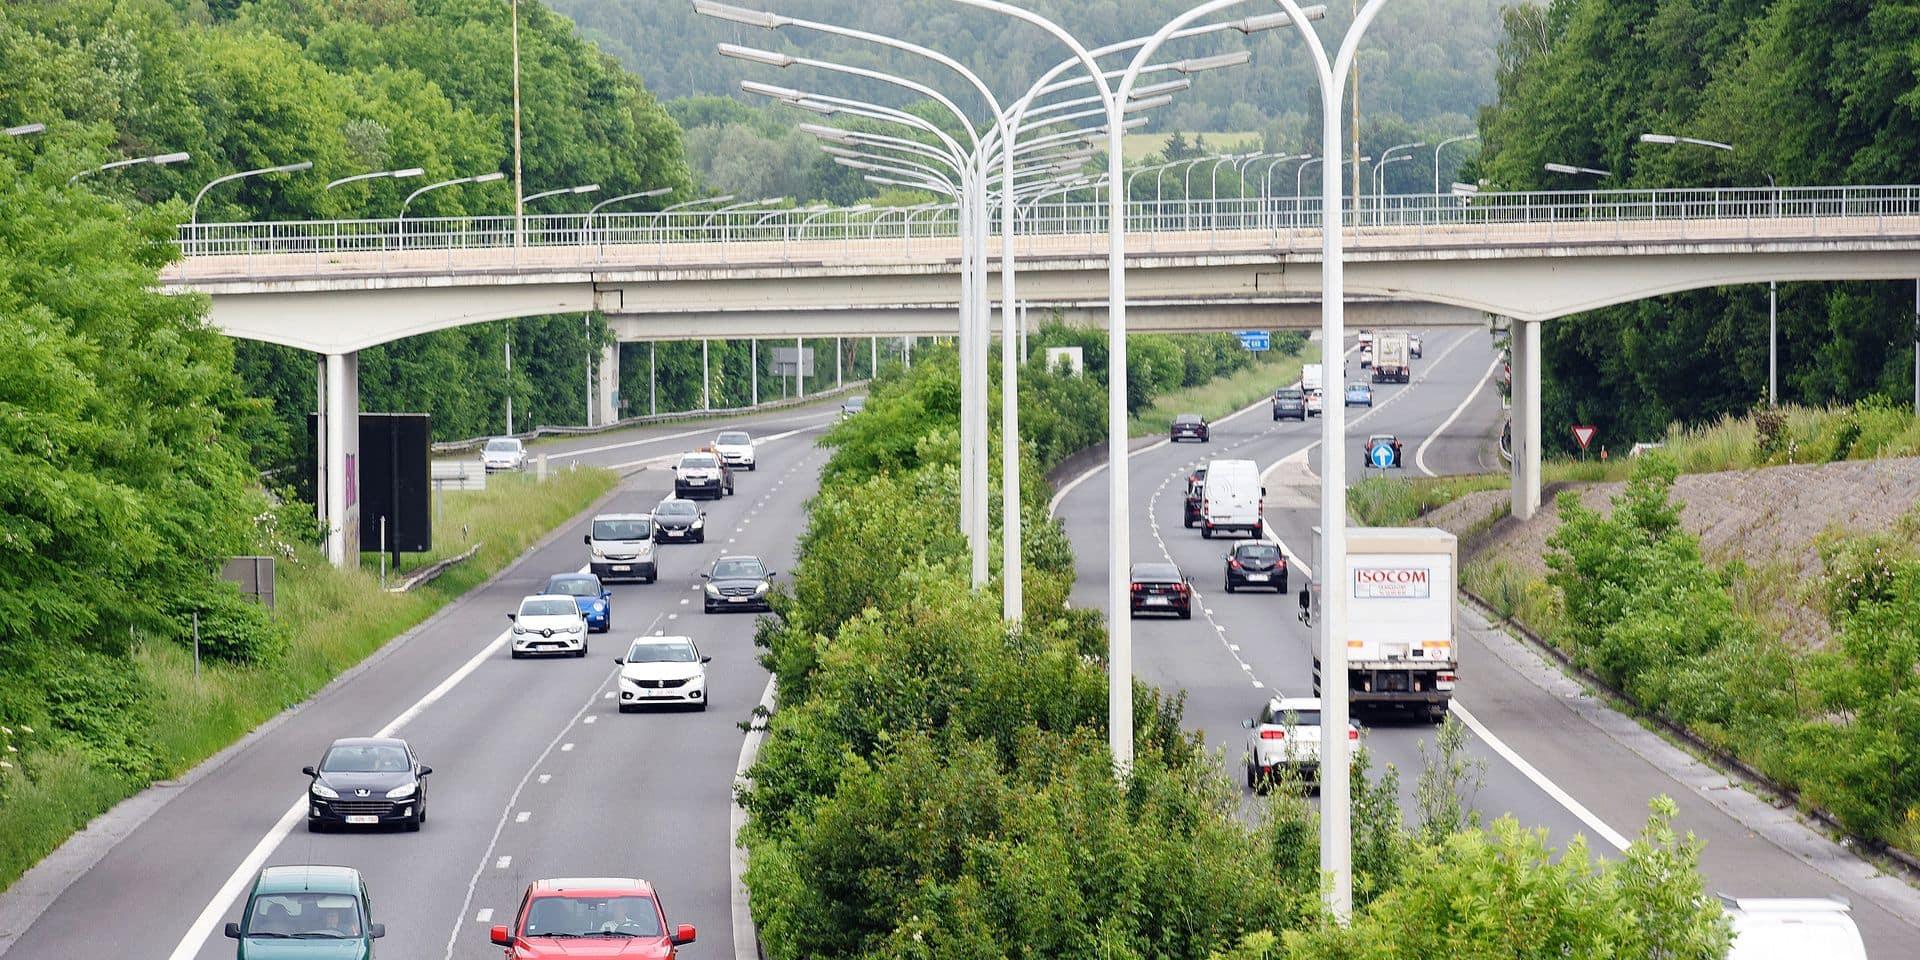 circulation voiture auto securite environnement co carbone autoroute pont A54 navetteur vitesse permis conduire